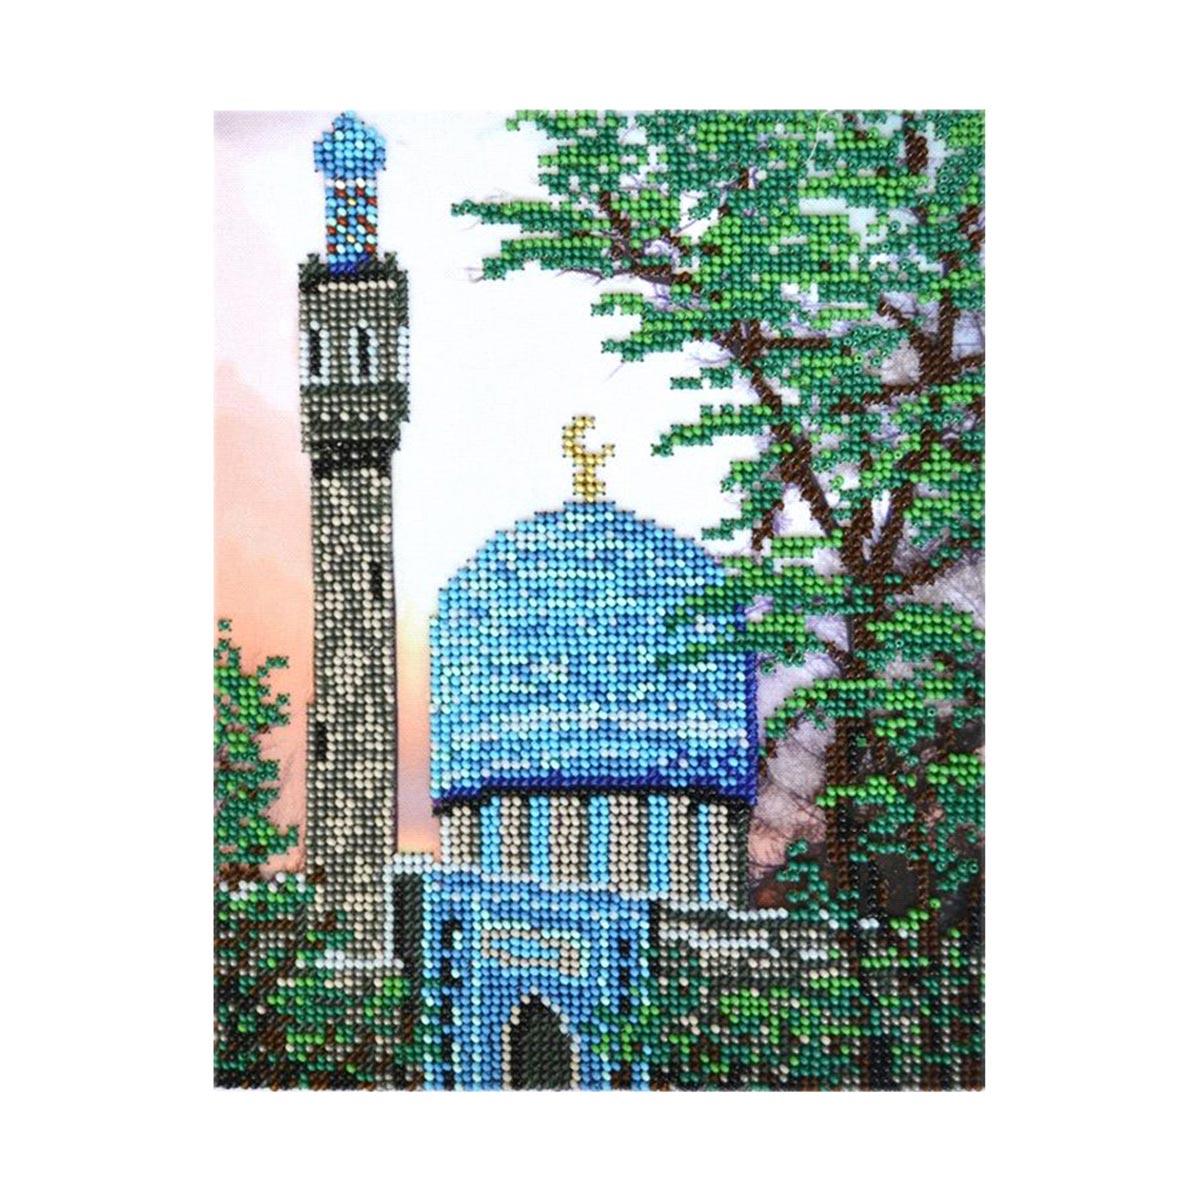 БН-3224 Набор для вышивания бисером Hobby&Pro 'Санкт-Петербургская Соборная Мечеть' 17*21,5 см